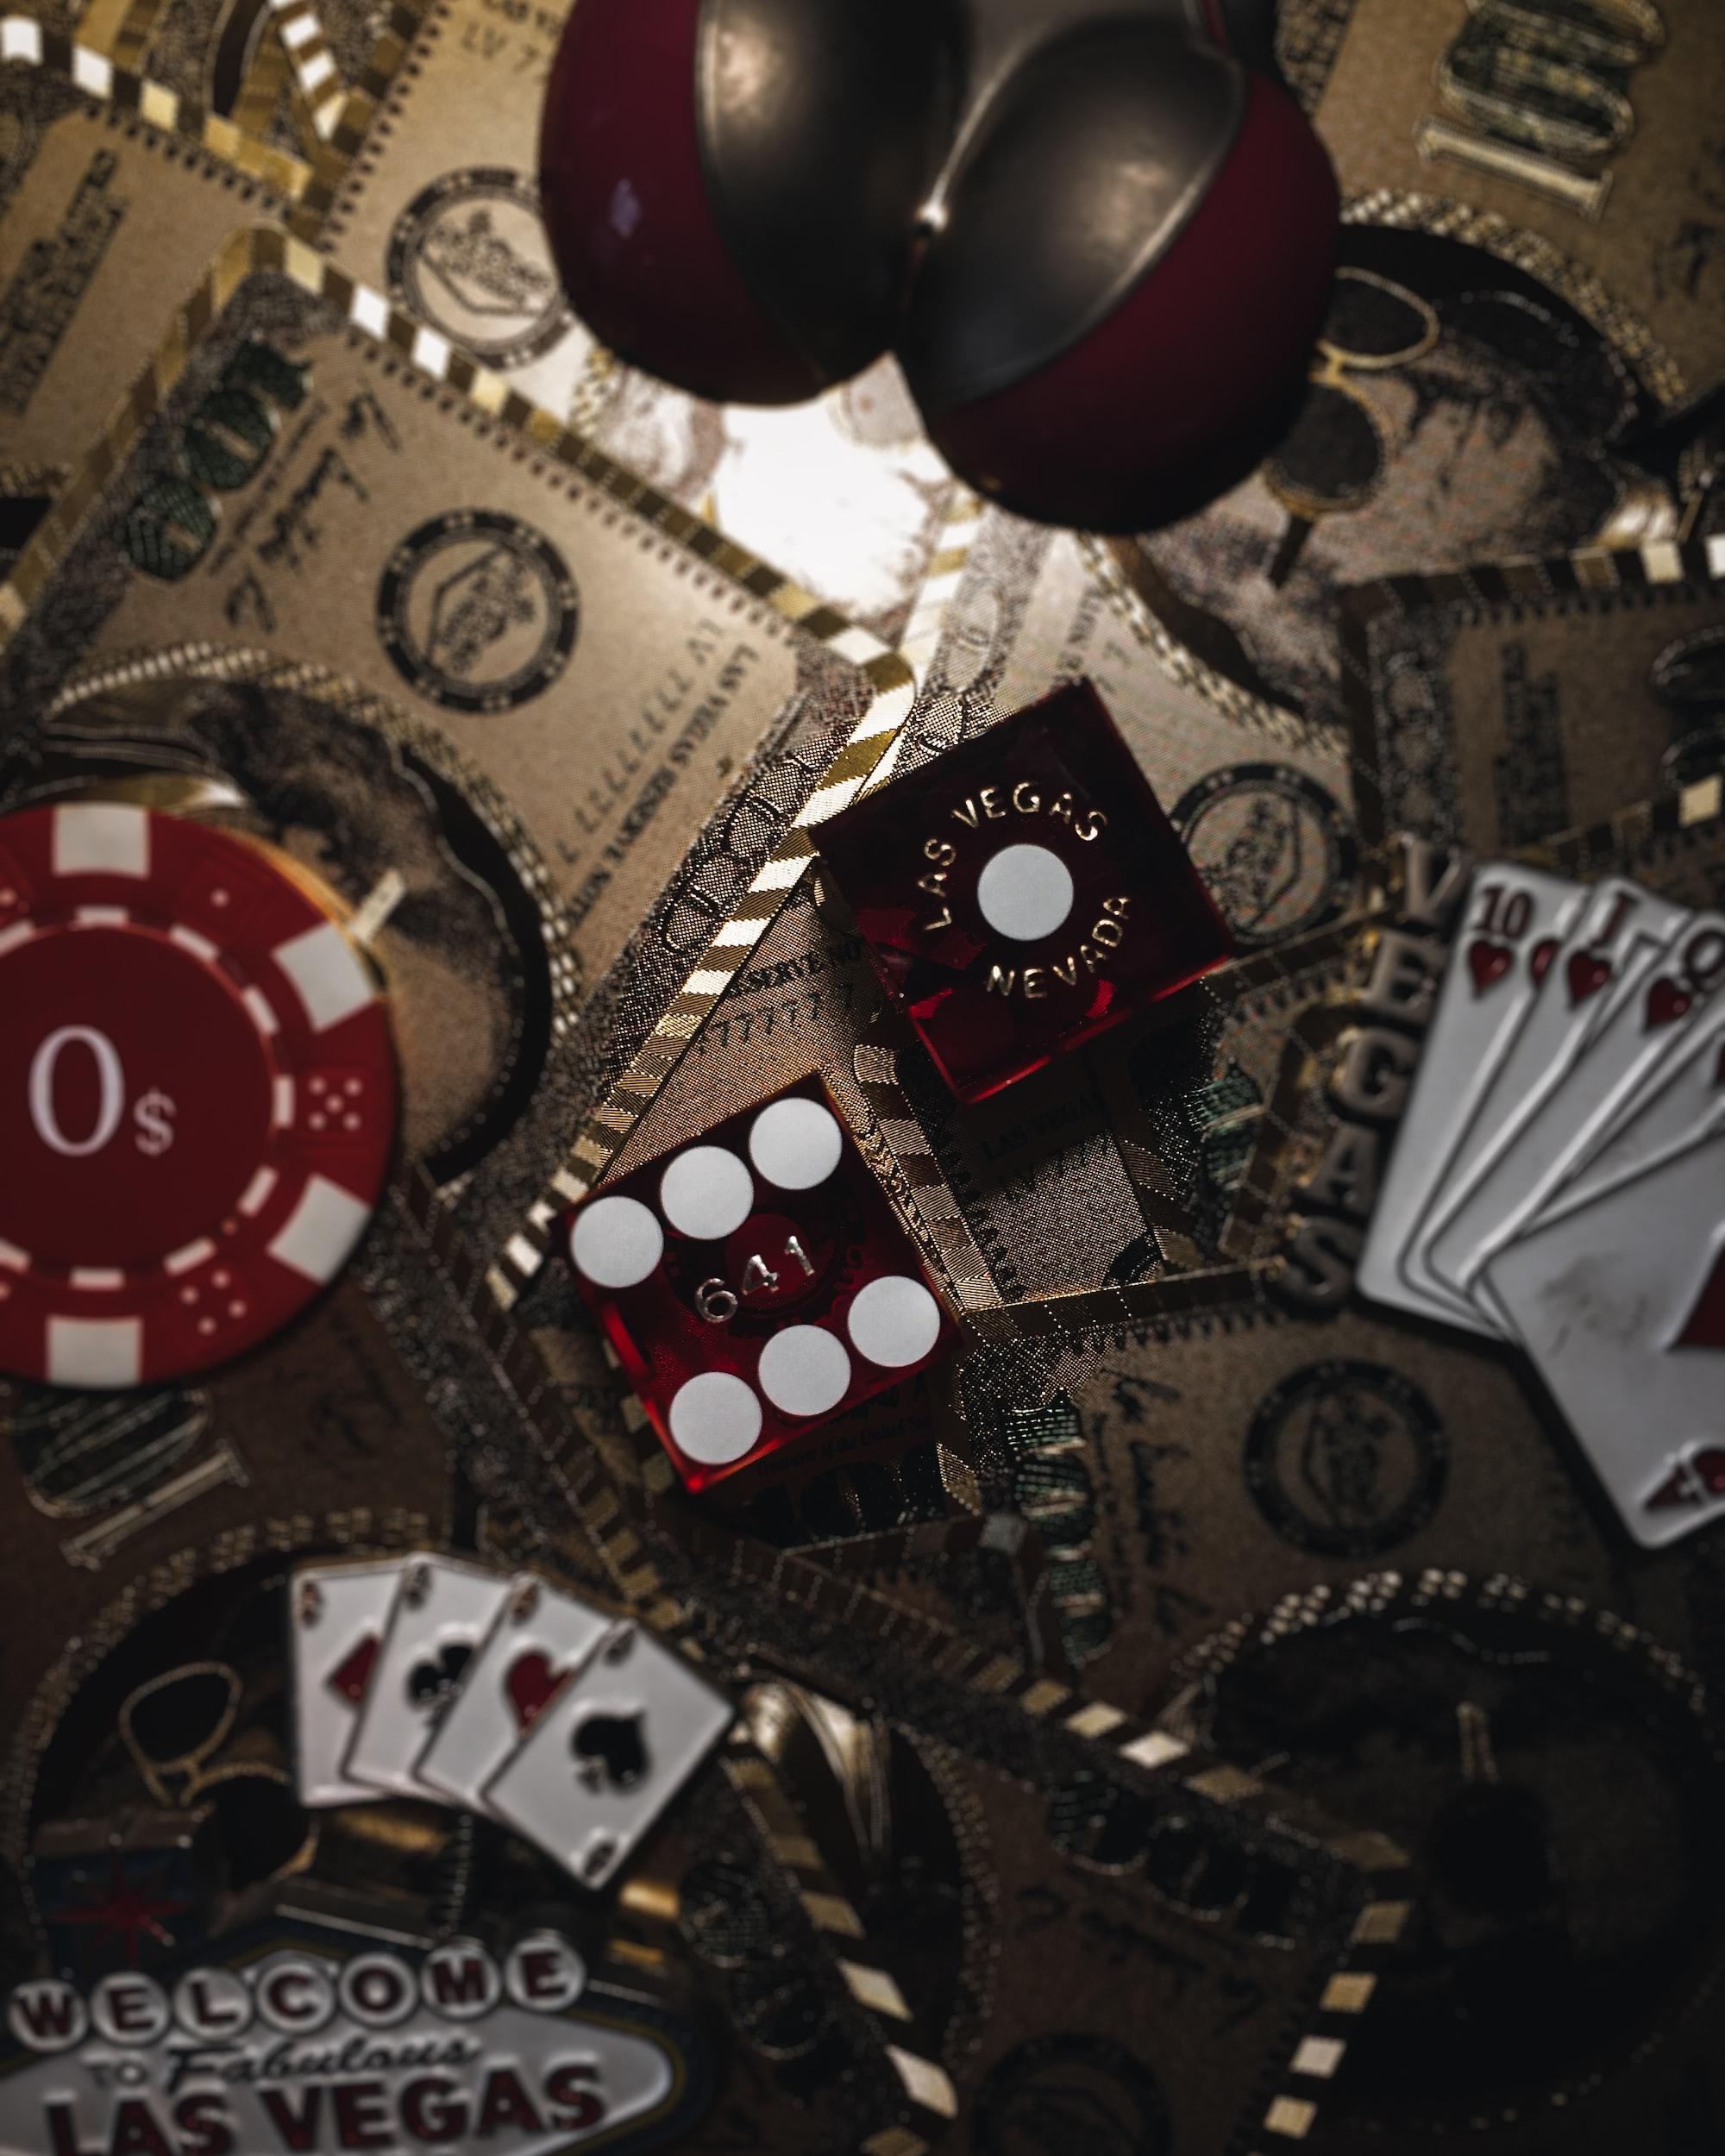 Estrazioni Lotto, Superenalotto e 10eLotto 13/07/21: i numeri vincenti